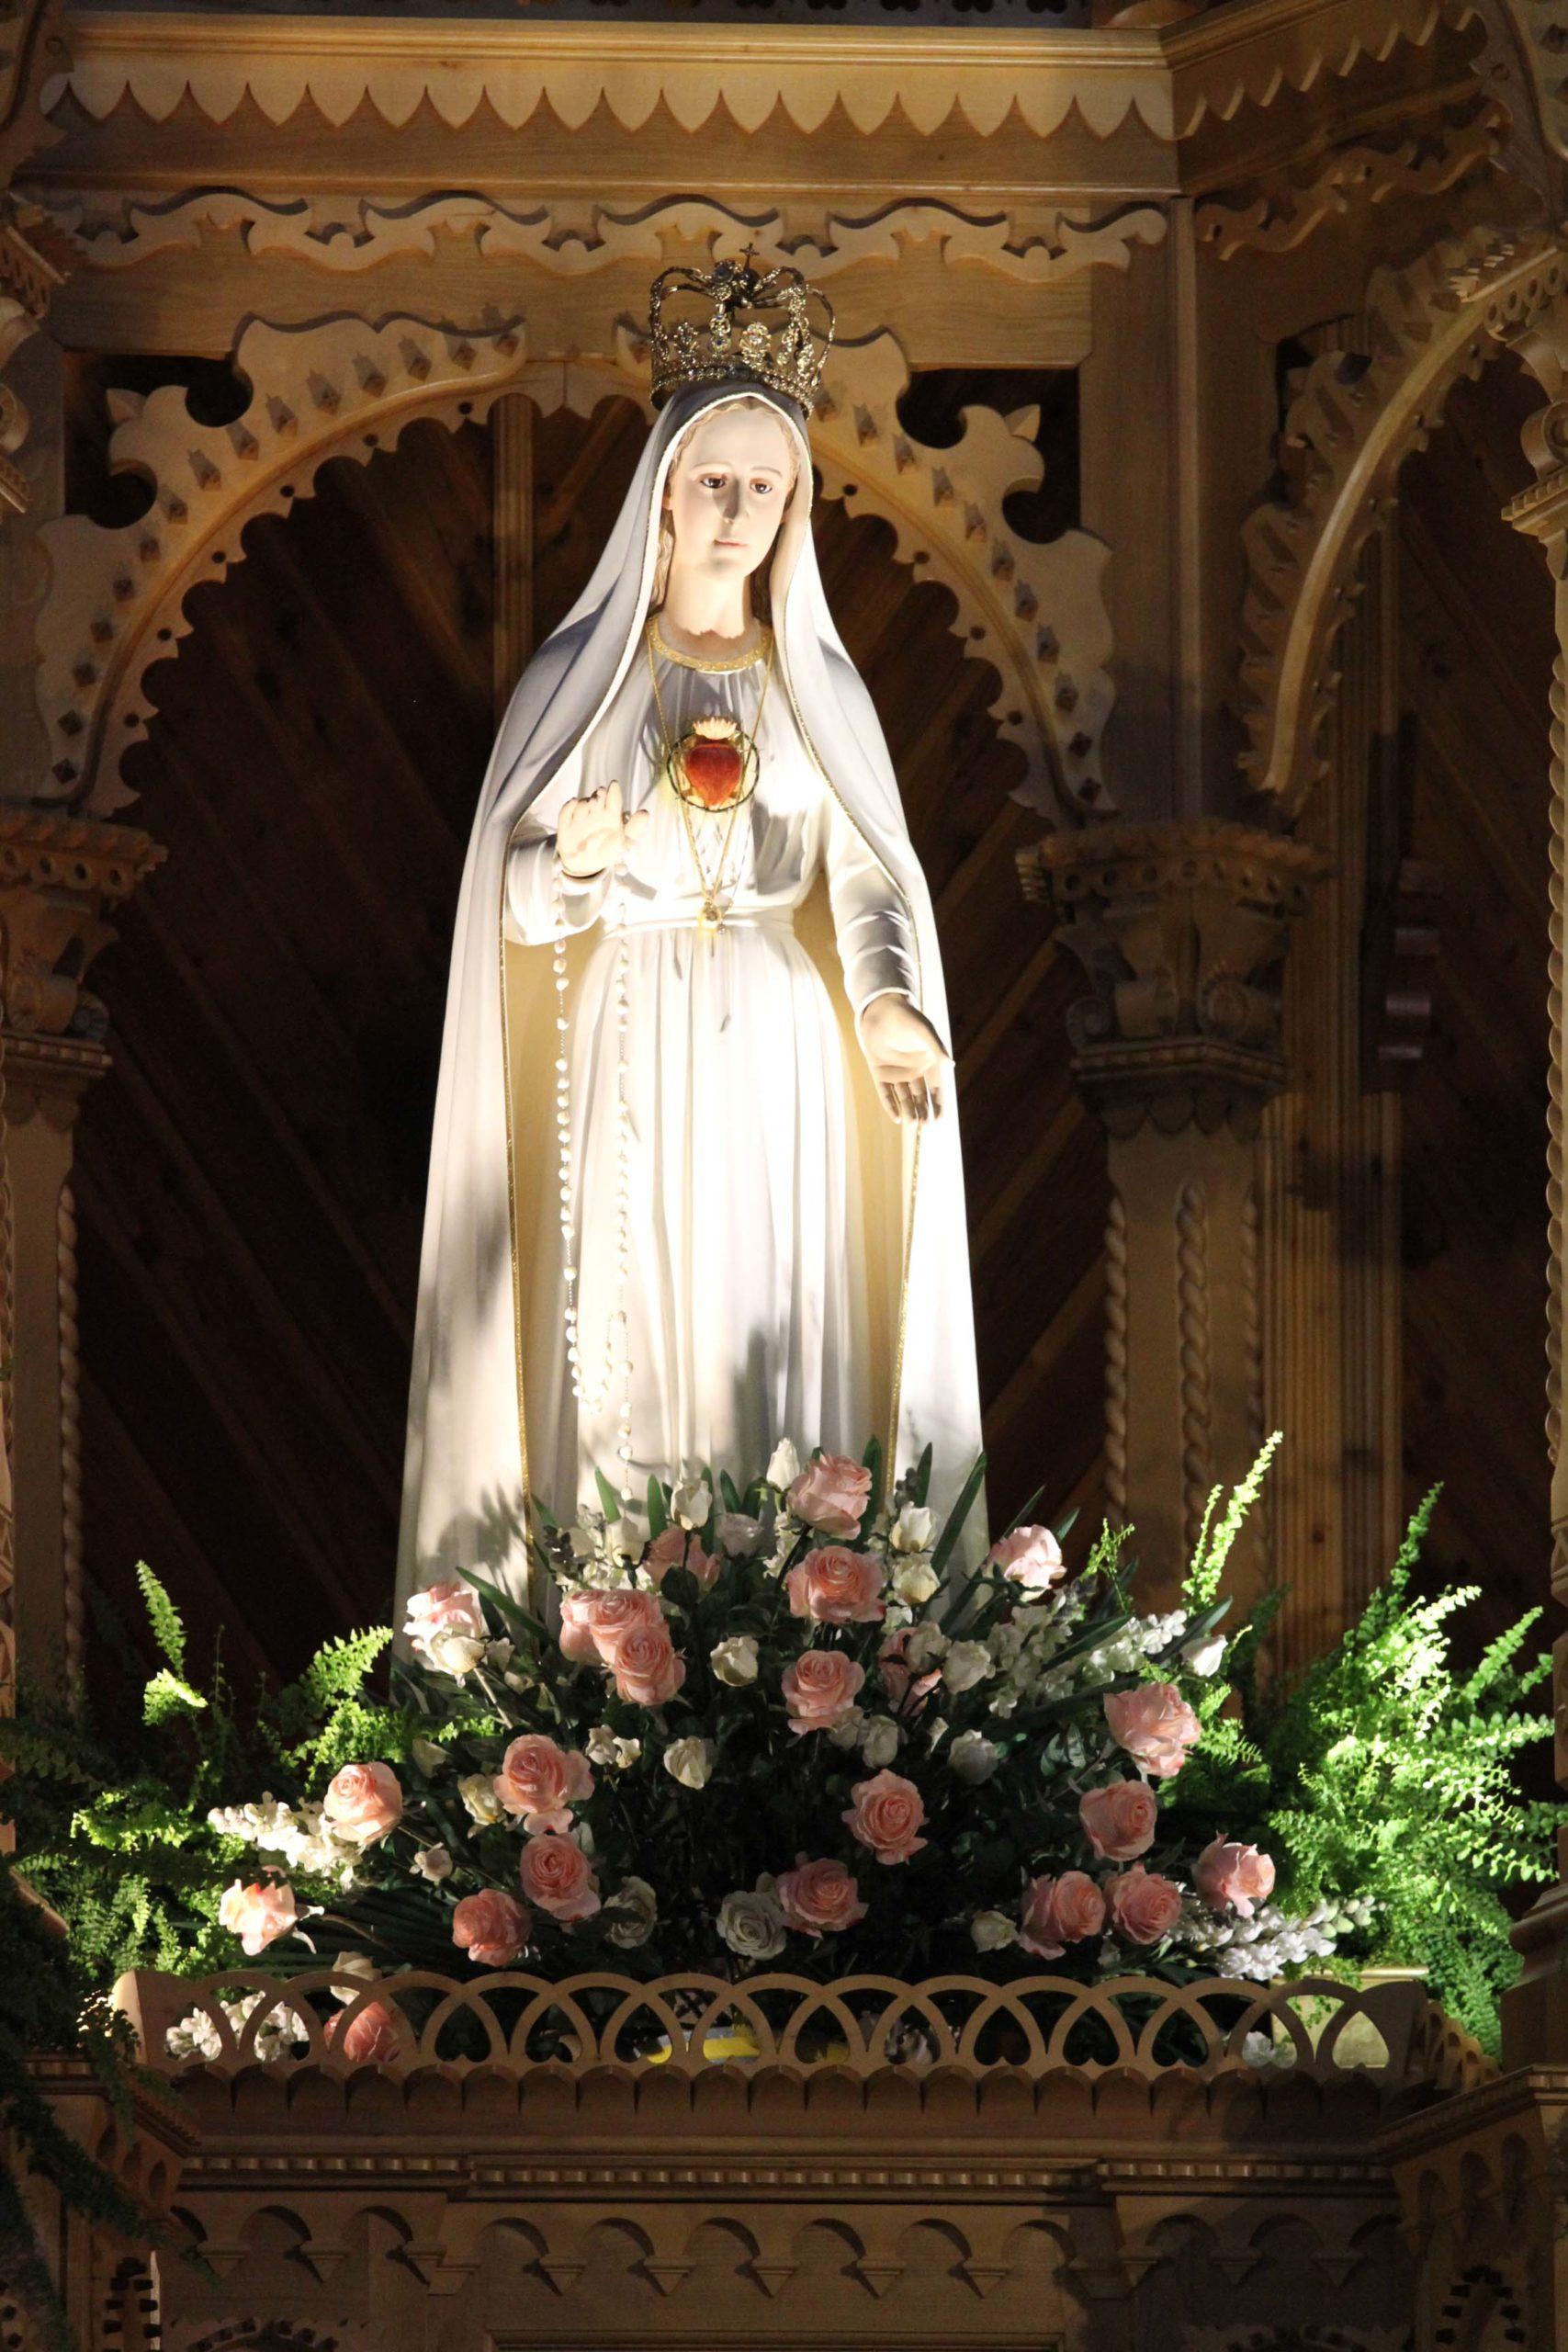 nabożeństwo pięciu pierwszych sobót miesiąca, wynagradzamy Twemu Sercu, Maryjo!